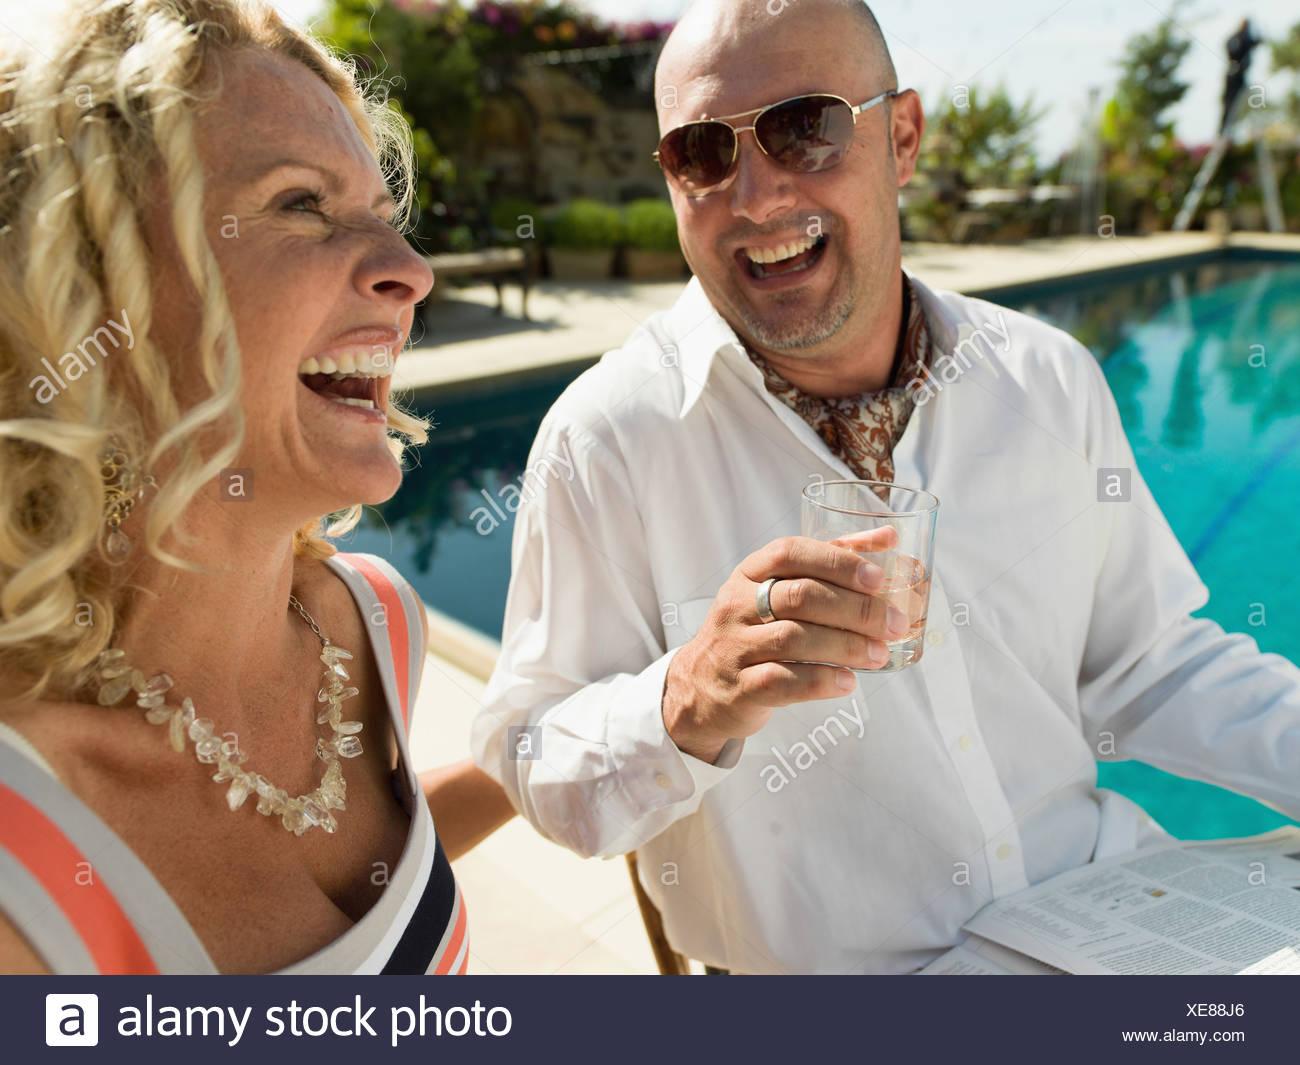 Un joven disfruta de su bebida con una mujer hermosa al lado de la piscina en San Diego. Imagen De Stock